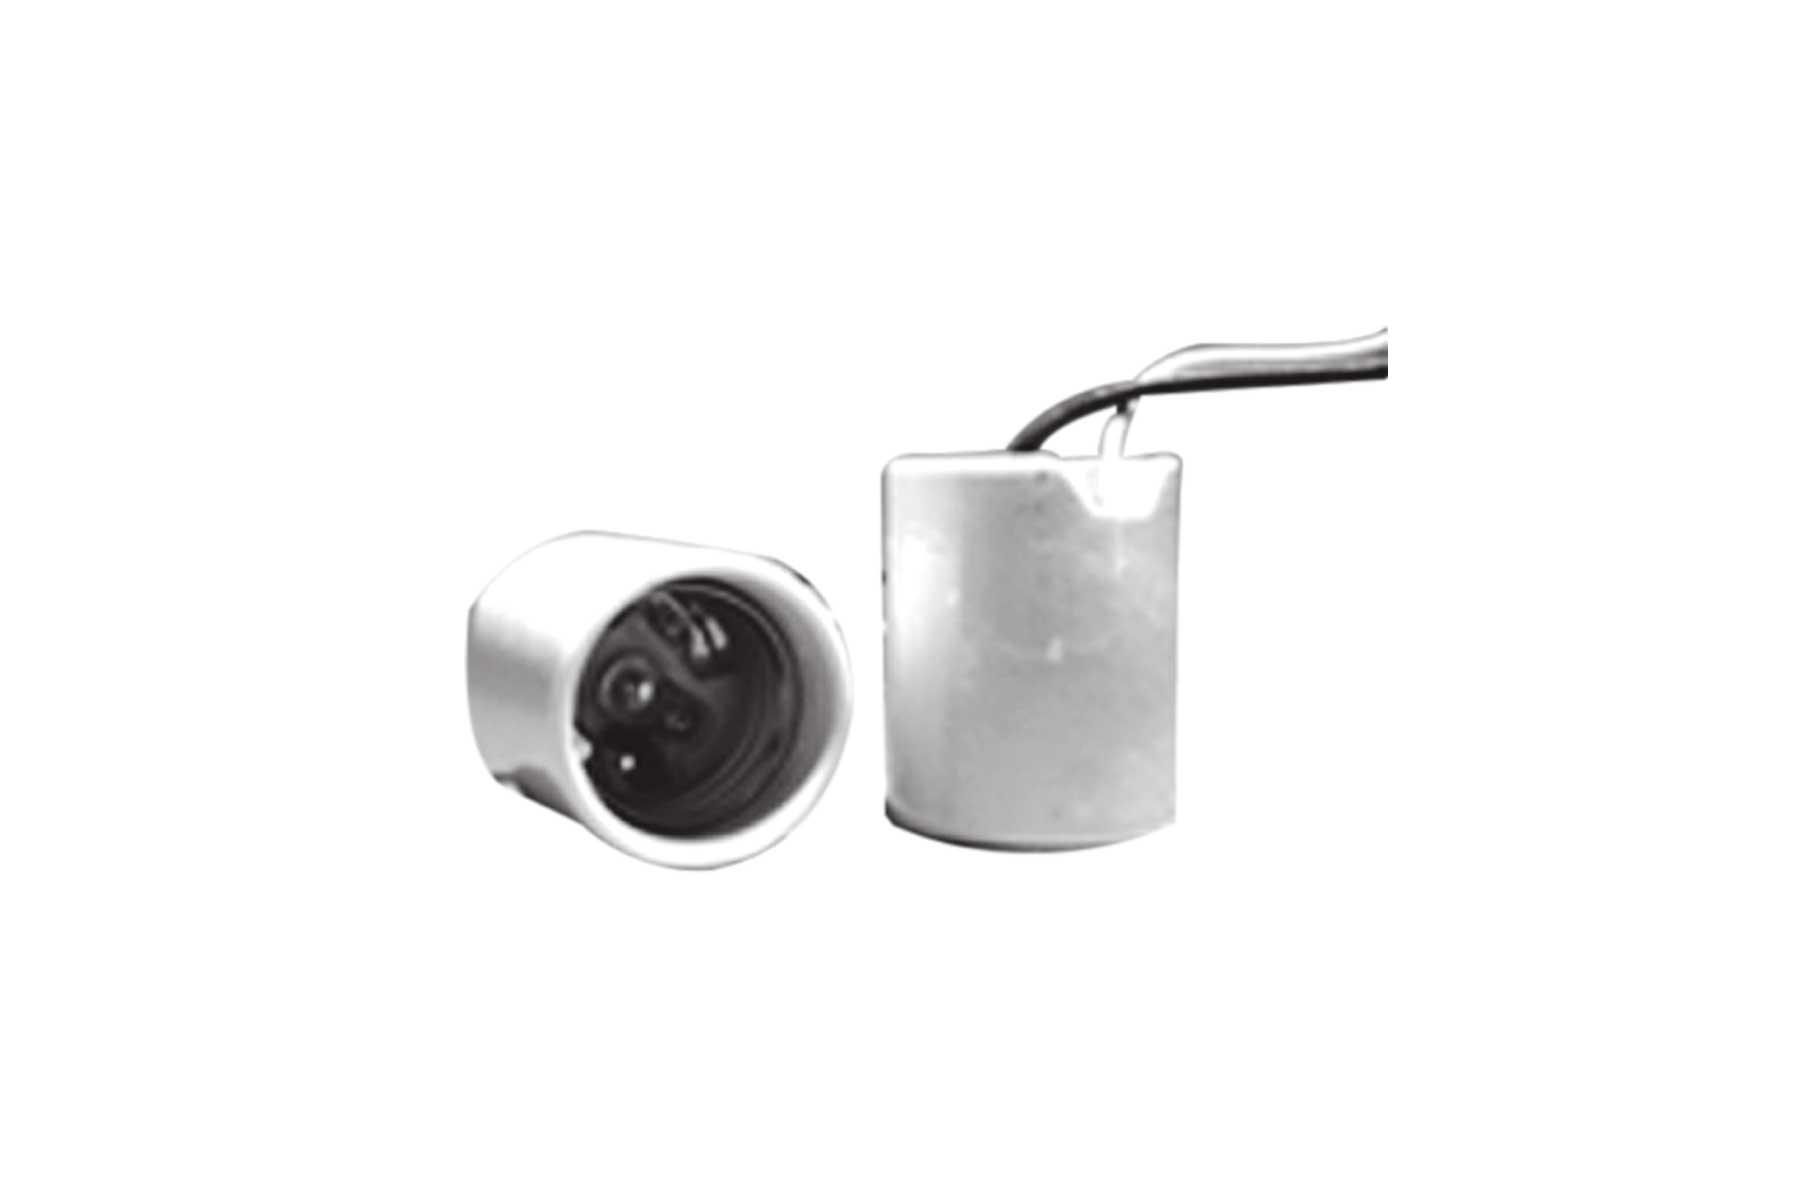 5KV Pulse Rated Mogul Base Porcelain Incandescent Light Socket with Pal Nuts